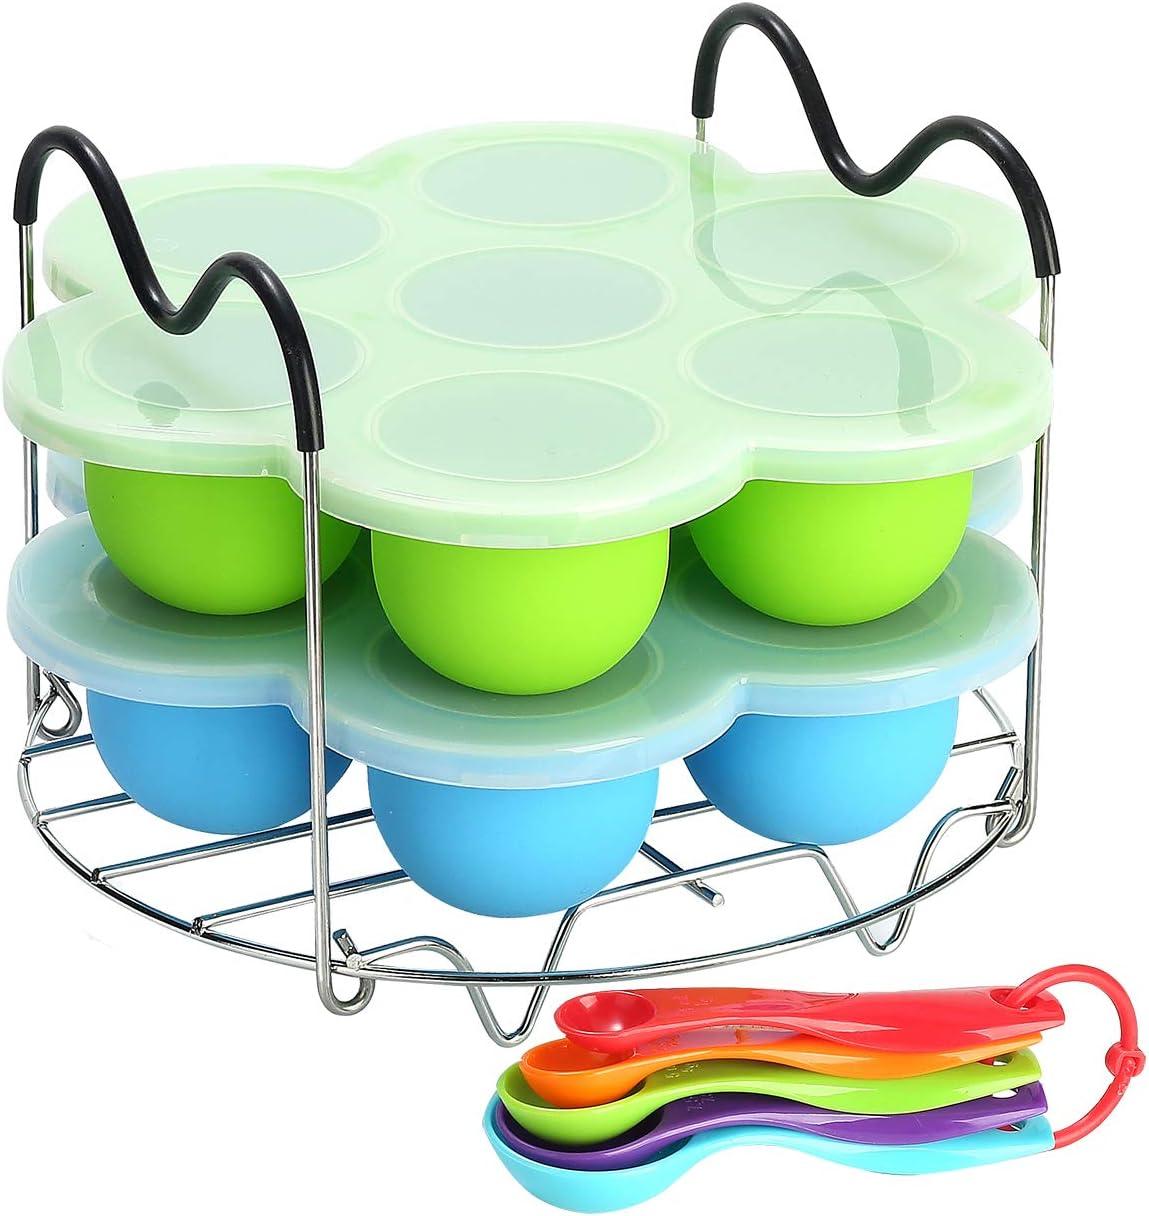 Silicone Egg Bites Molds for Instant Pot Accessories 6 qt 8 Quart, Including Steamer Rack Trivet with Heat Resistant Handles, 5-Piece Measuring Spoons Set as Bonus, Sous Vide Egg Poacher